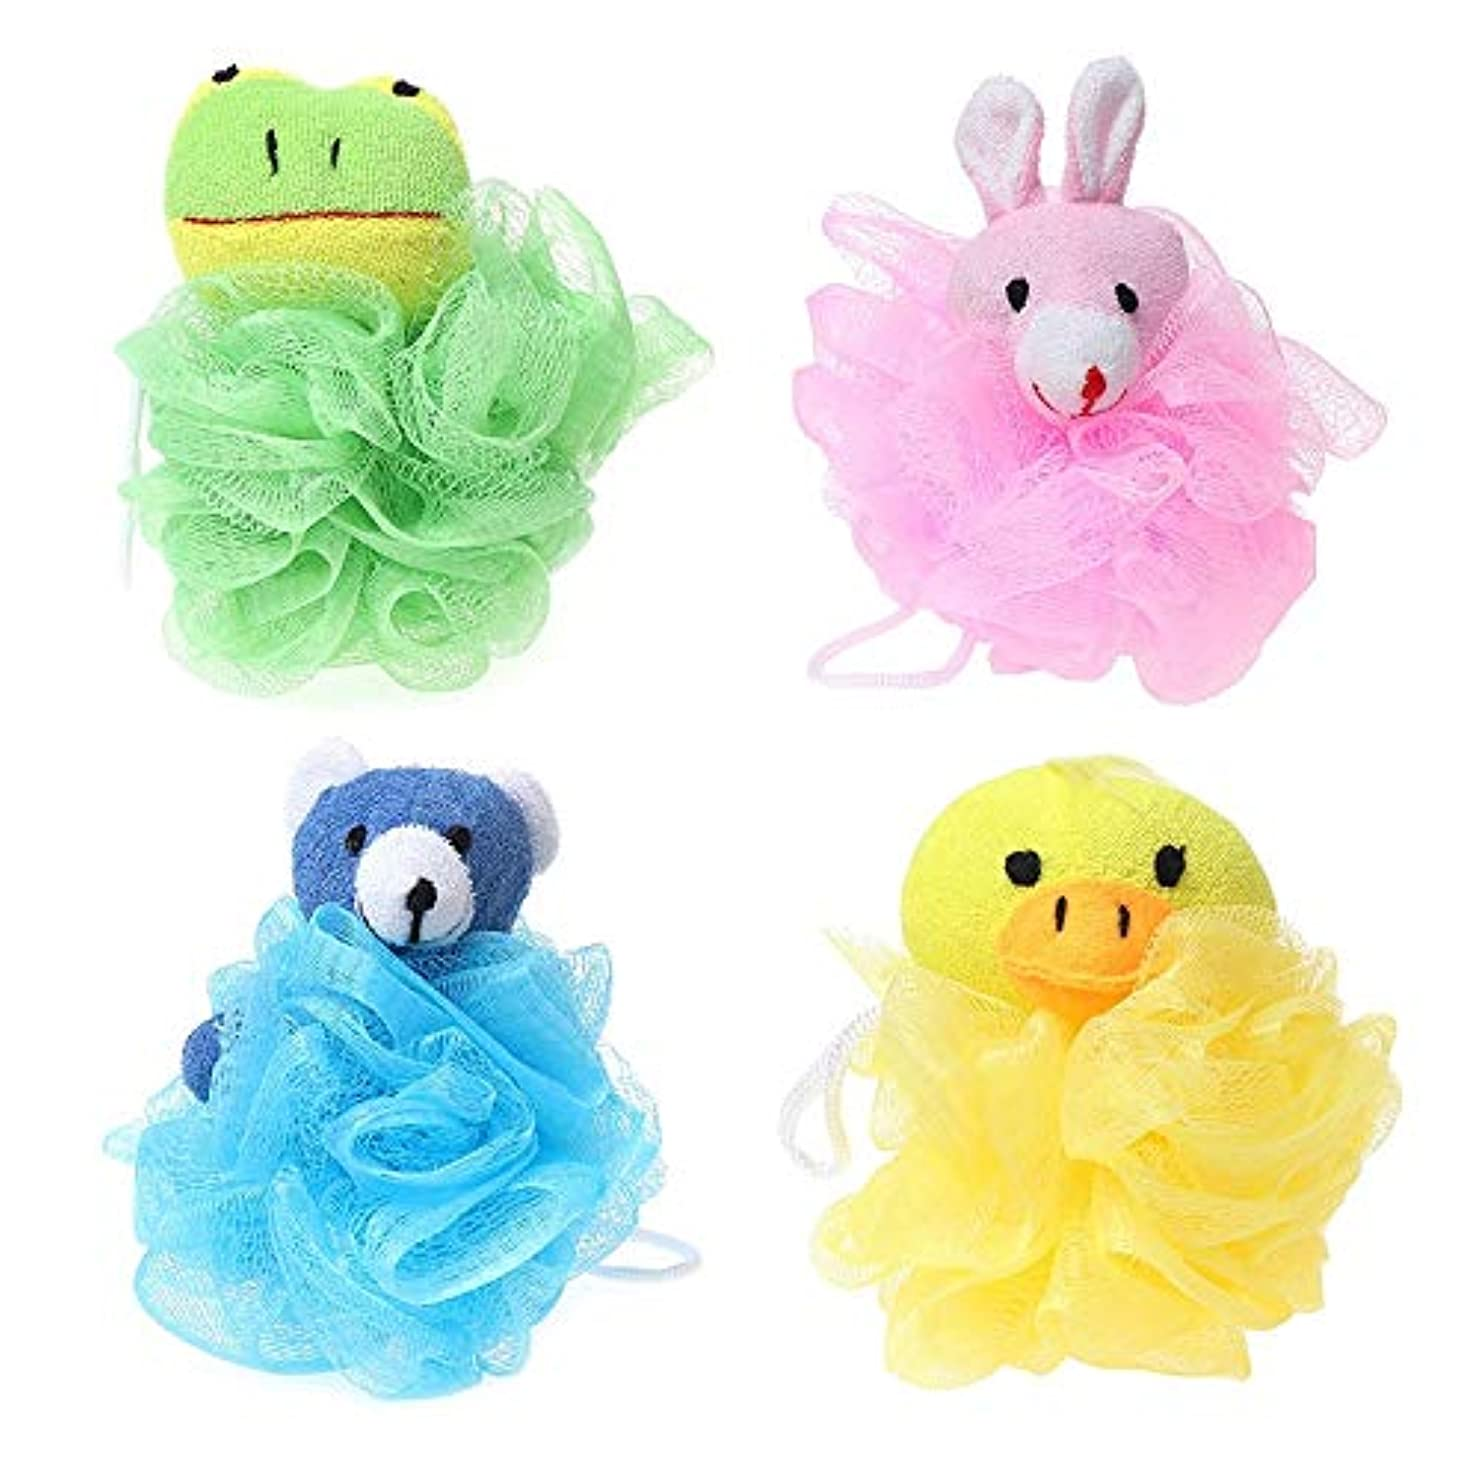 欠員別にうつTOOGOO 子供用おもちゃクッションパフメッシュぬいぐるみ付き(4パック)カエル、アヒル、ウサギ、クマ